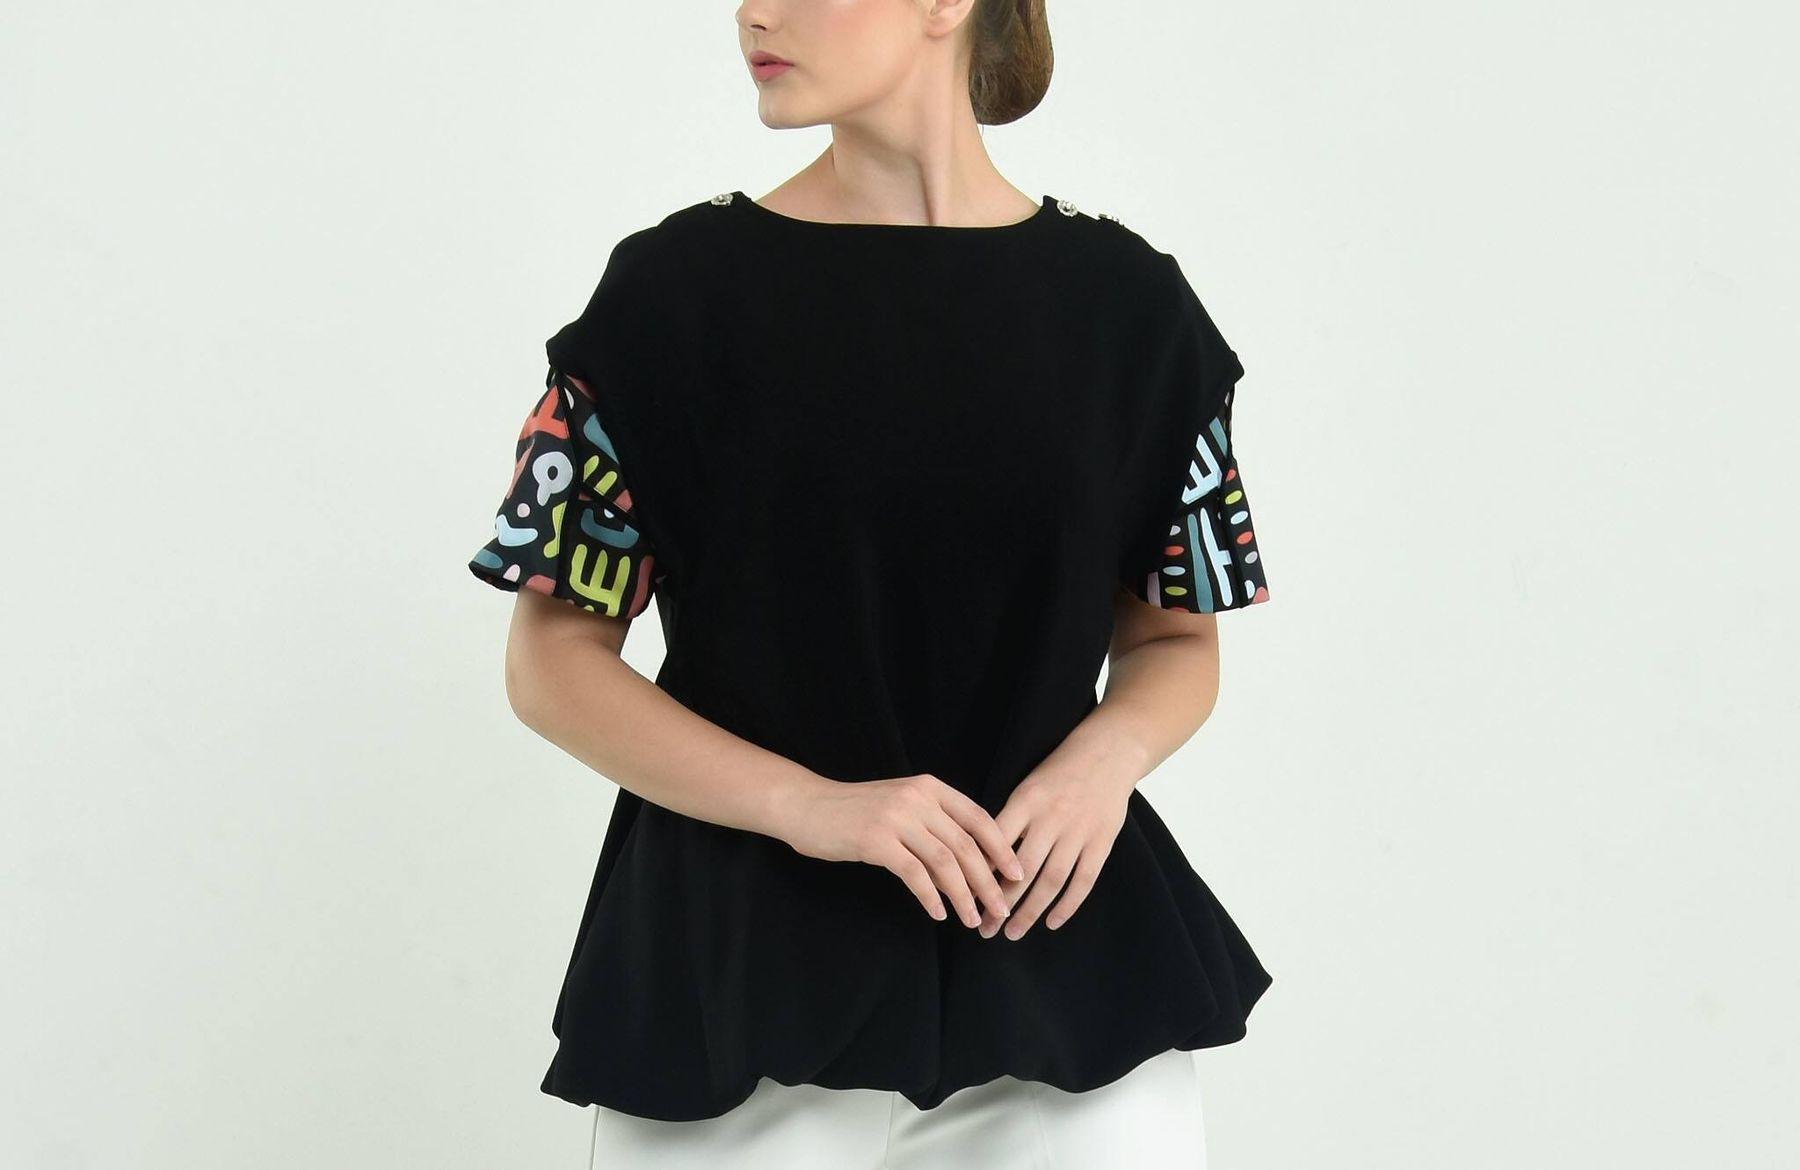 Siyah Giysiler Nasıl Boyanır?